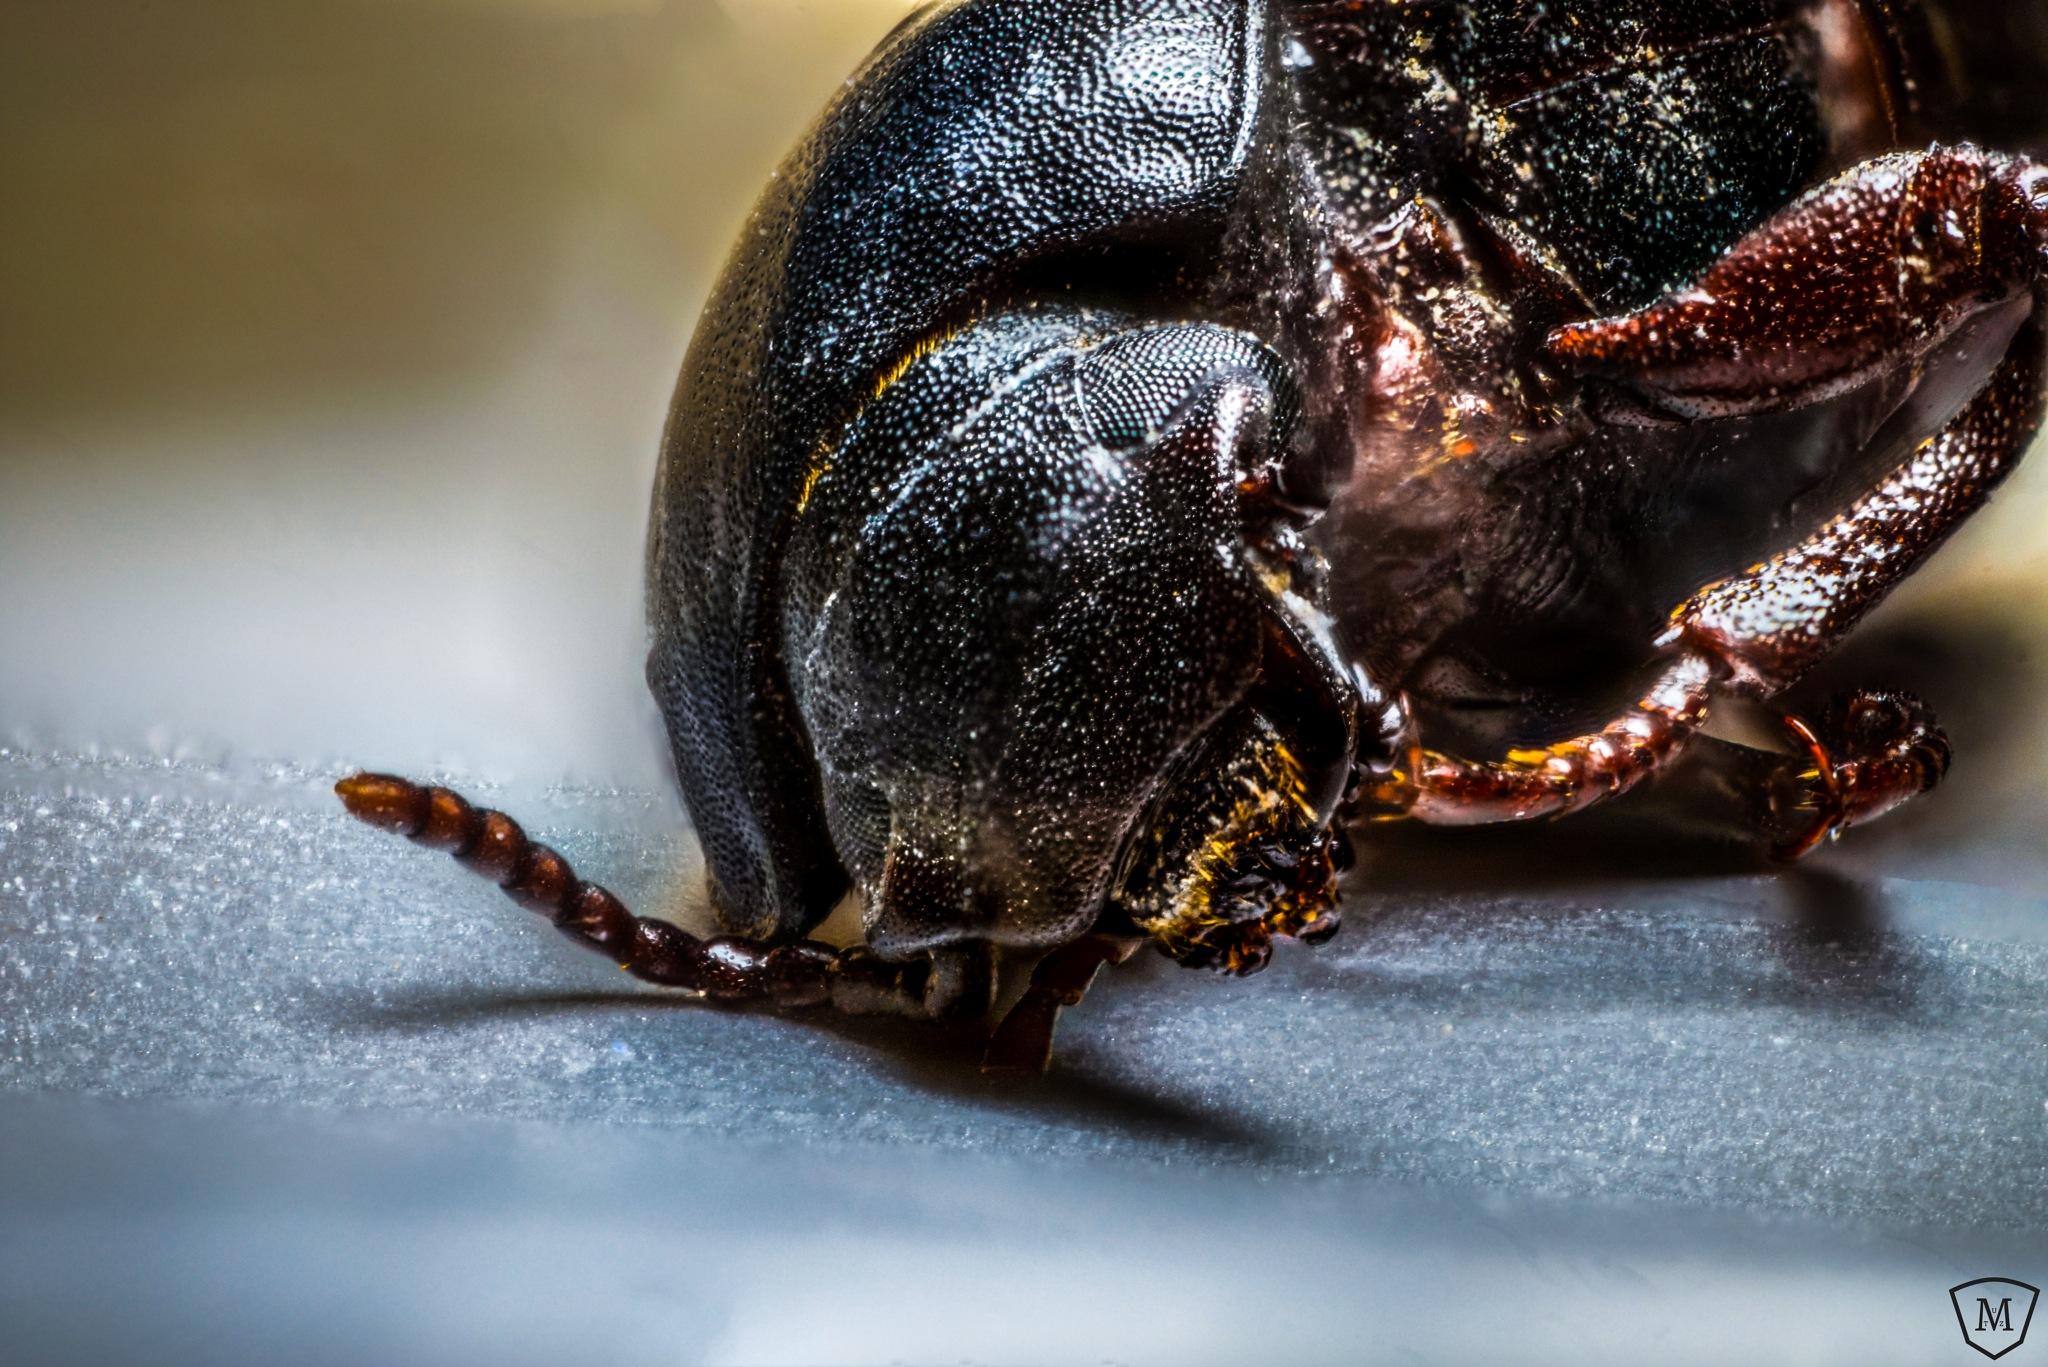 Dead bug by Martin Mutz